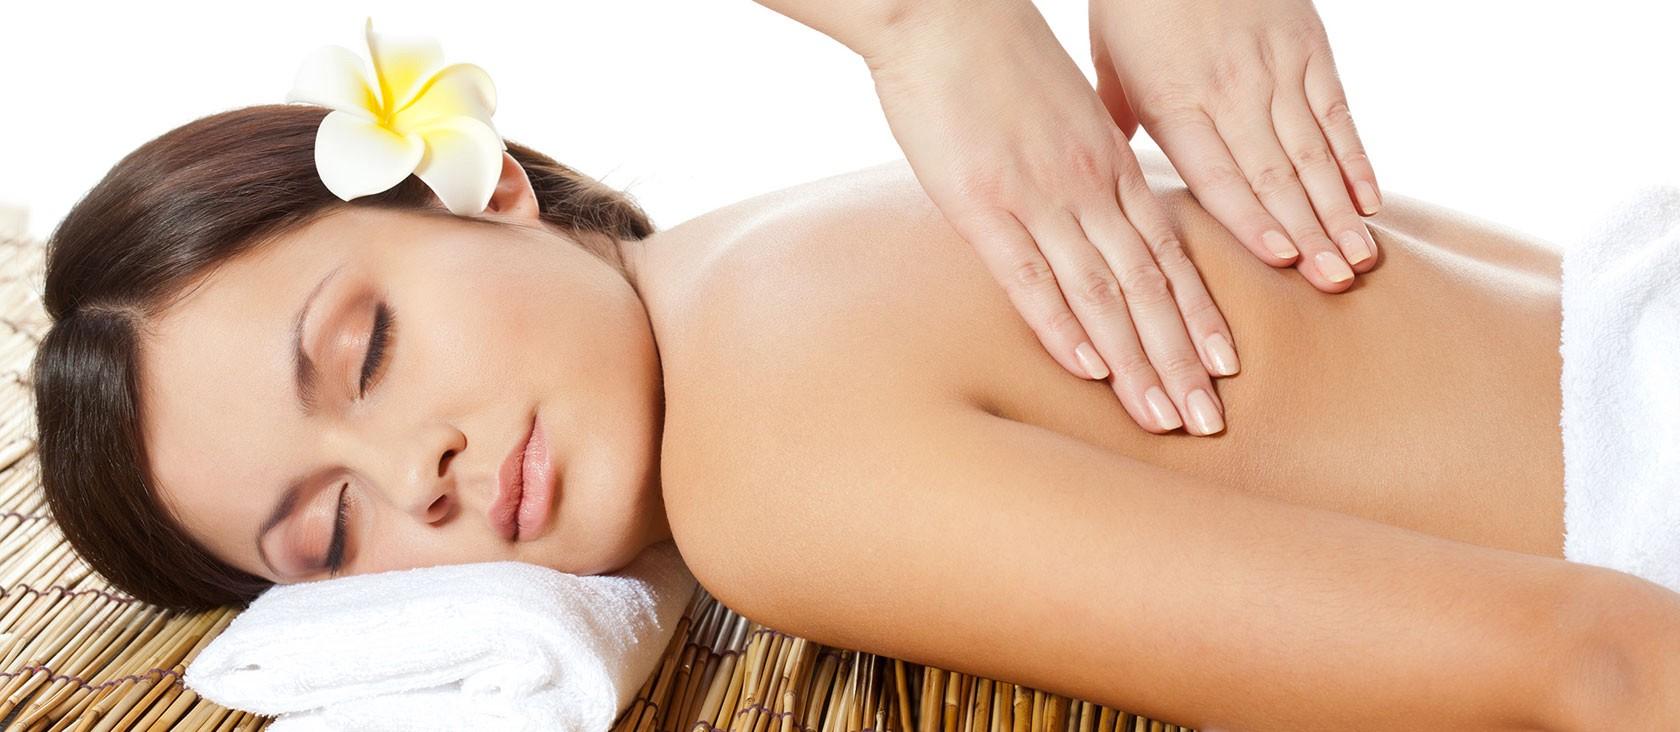 Massage therapy winnipeg